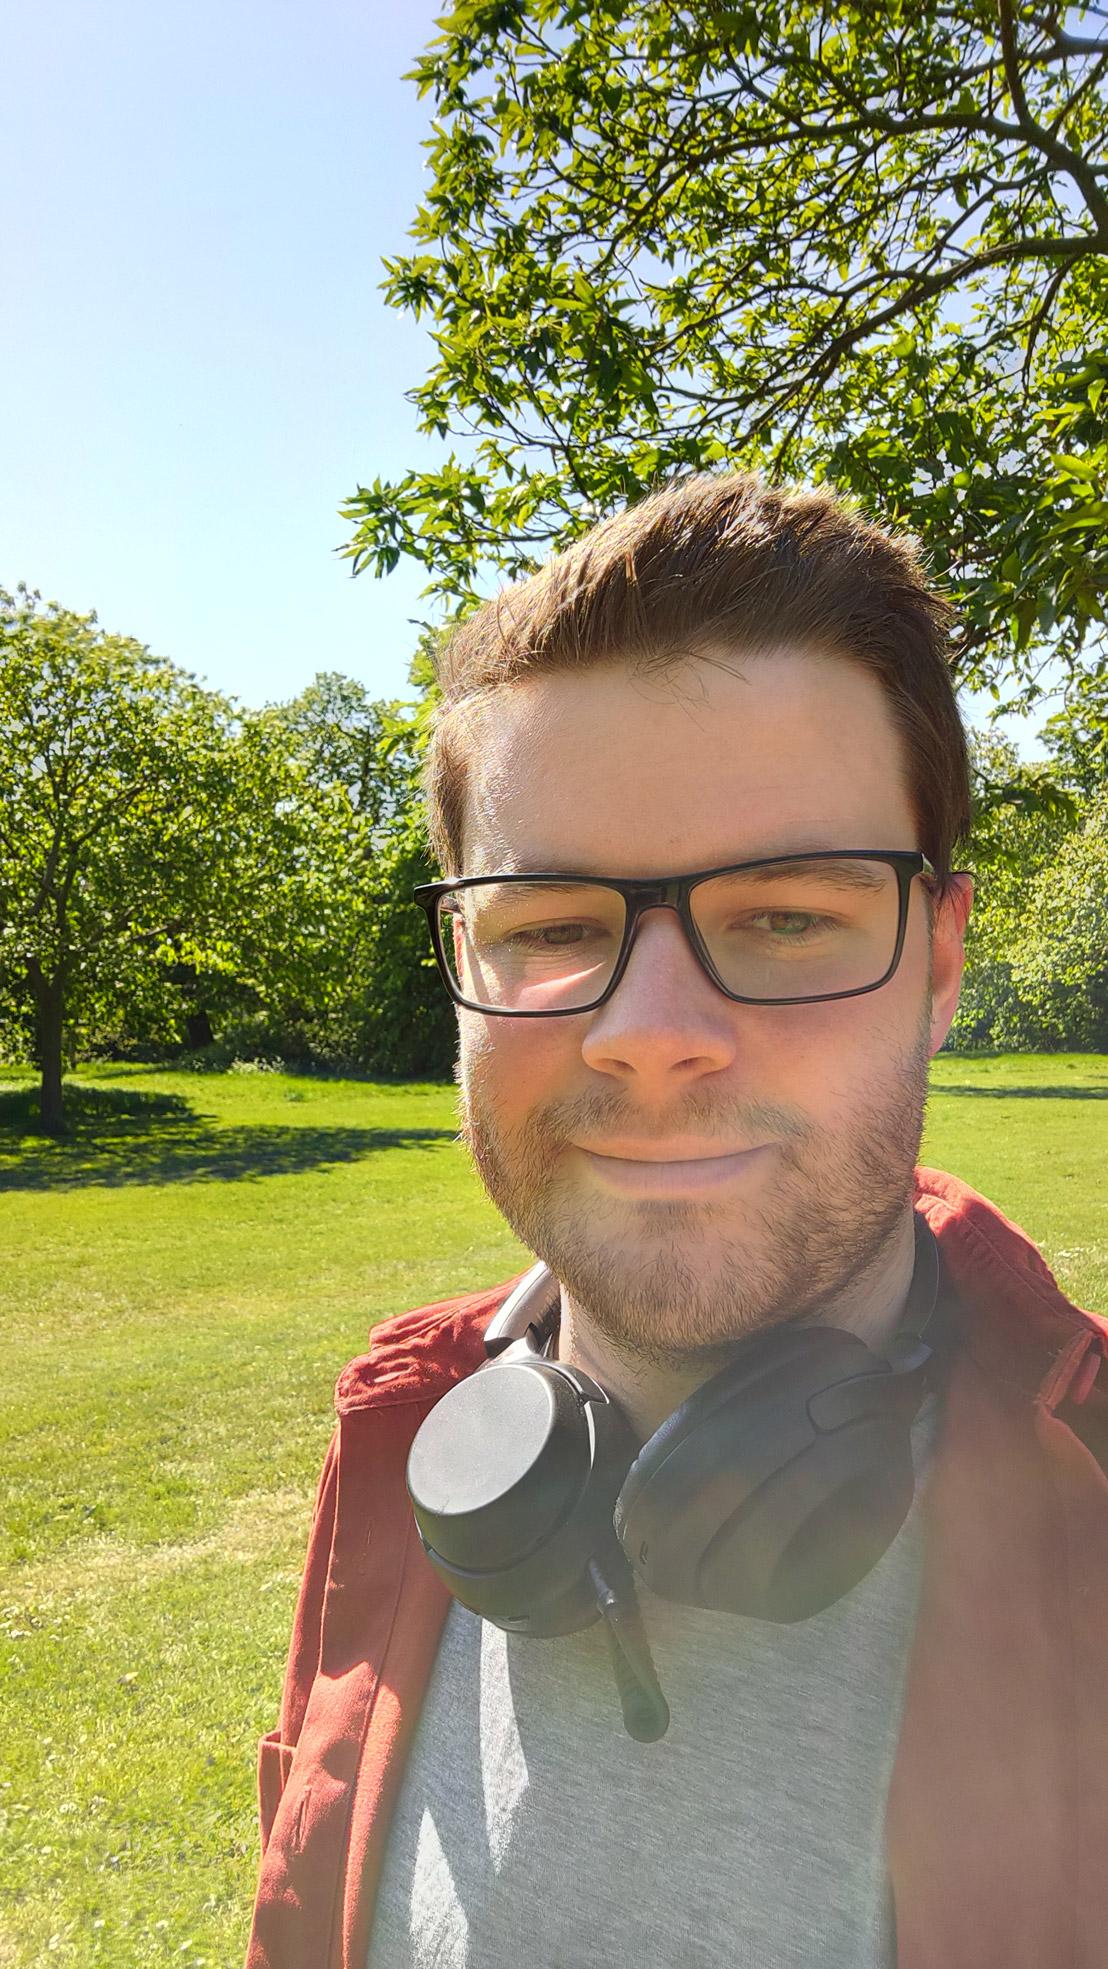 A selfie in 'standard' mode